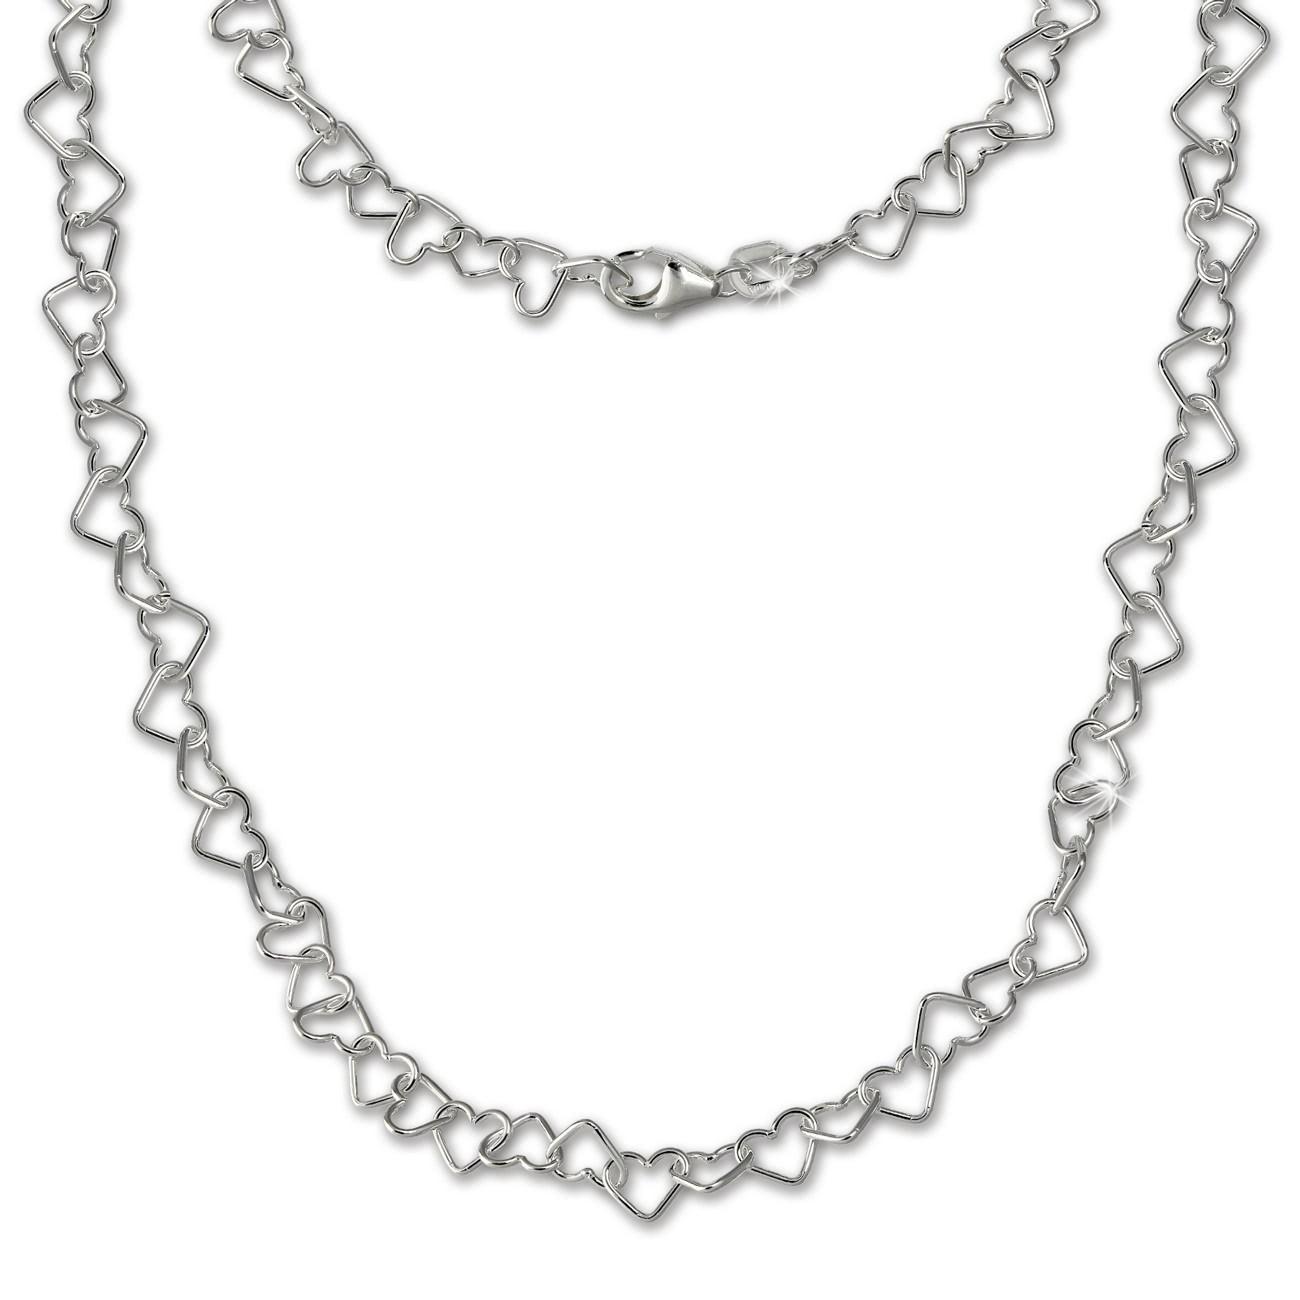 SilberDream Damen Kette Herzchen 925er Silber 45cm Damen Halskette SDK27545J